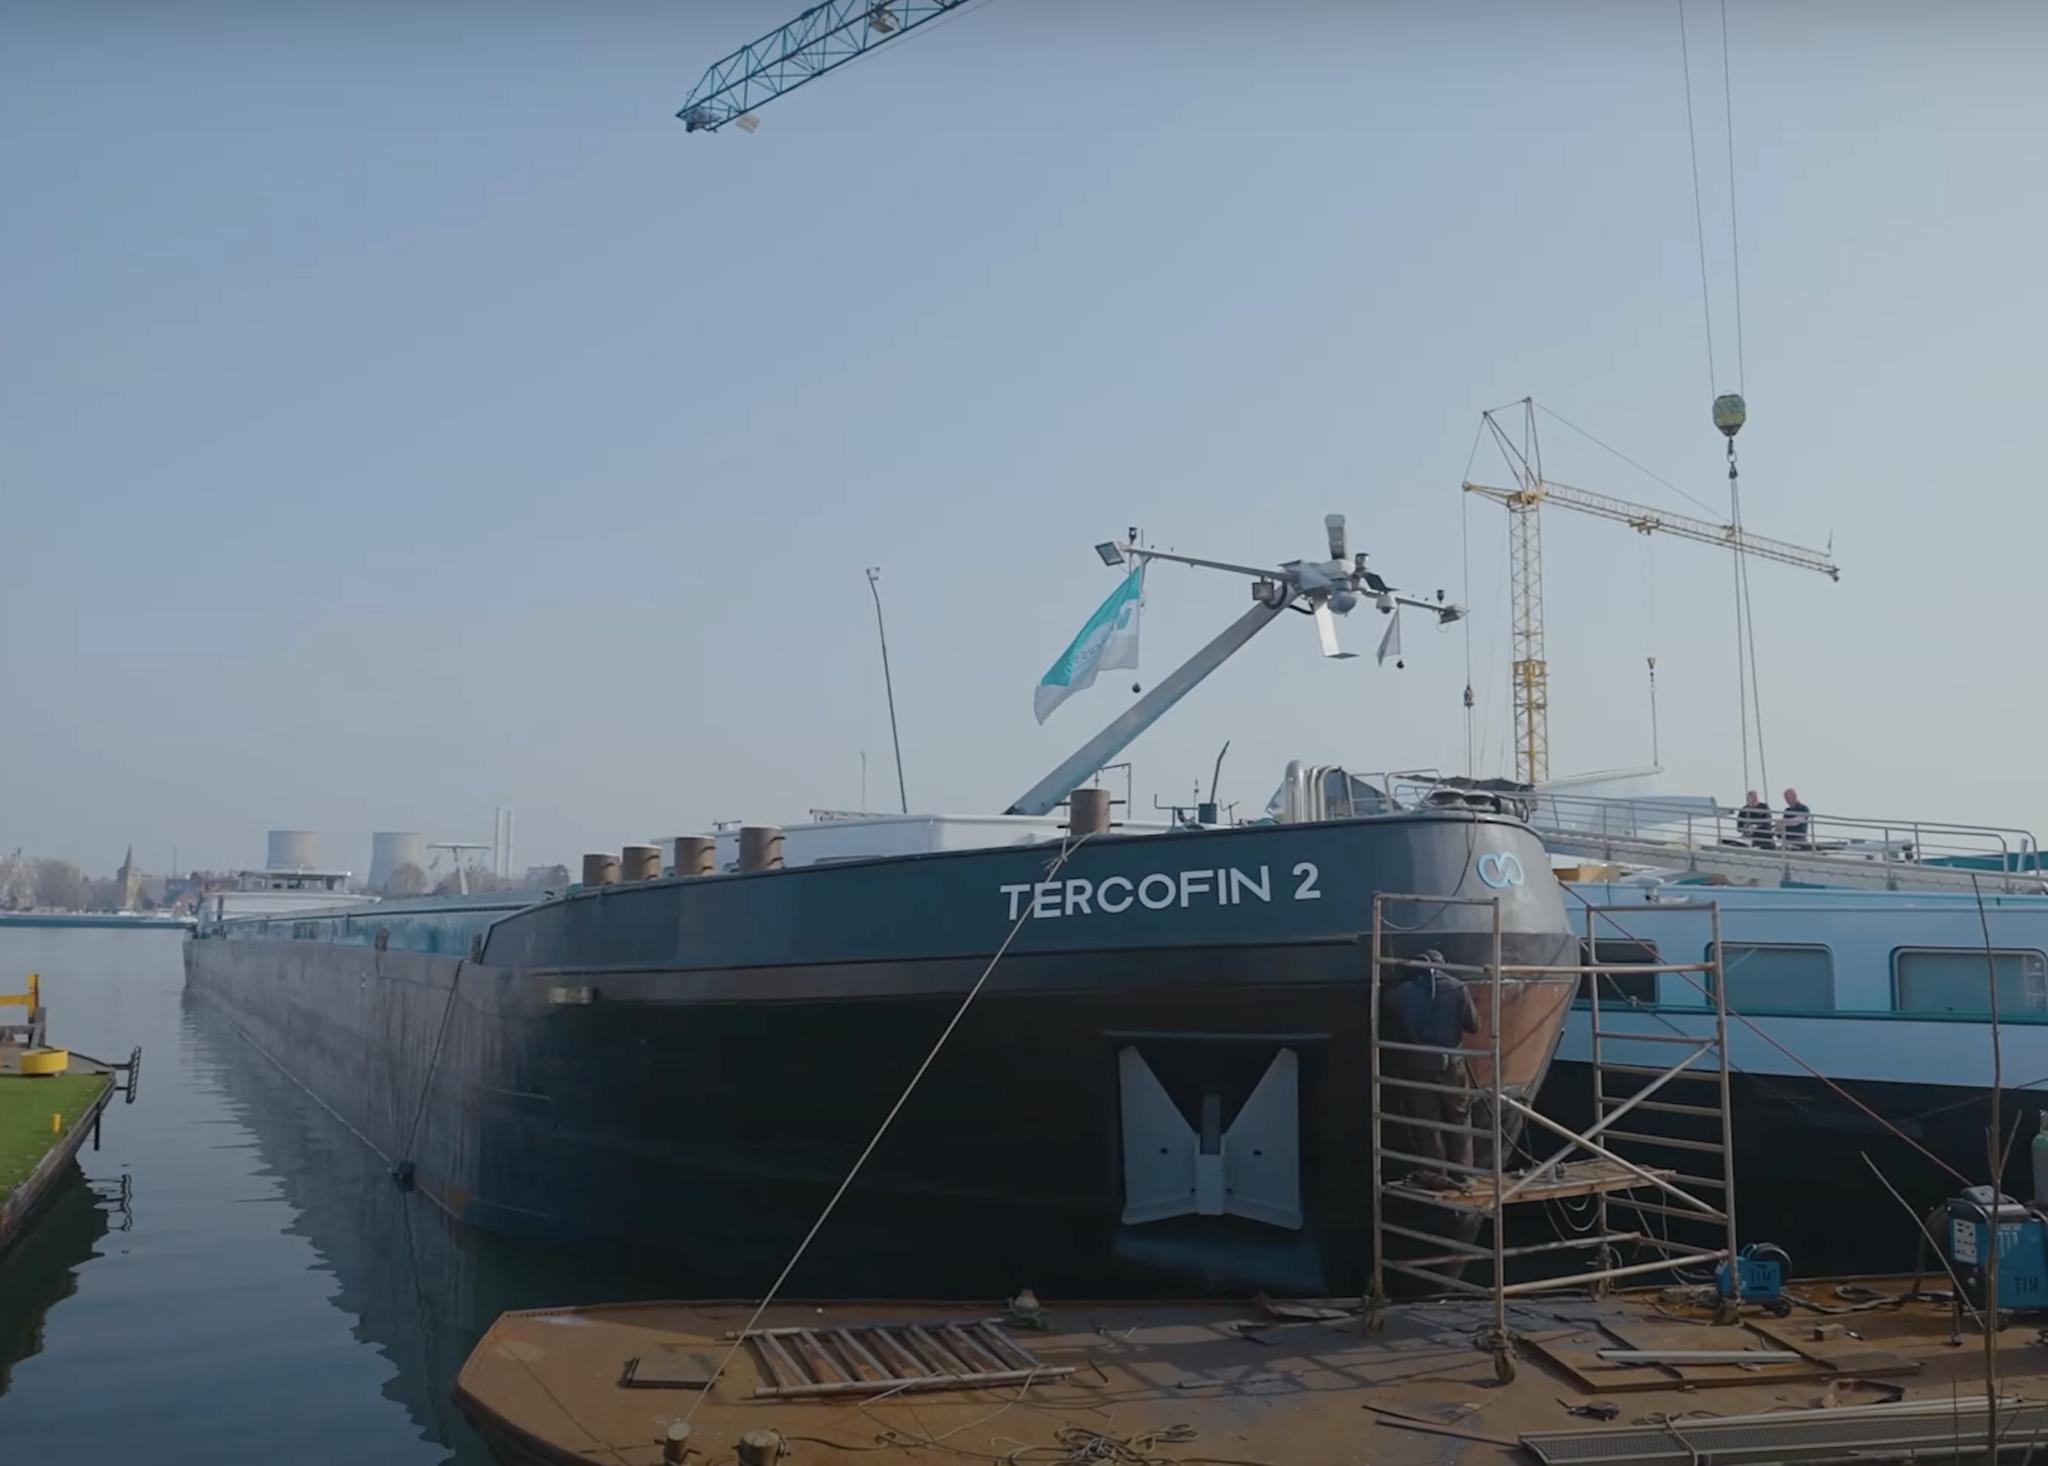 De Tercofin 2 vaart sinds kort 2 keer per week van Luik naar Antwerpen. (Foto Seafar)